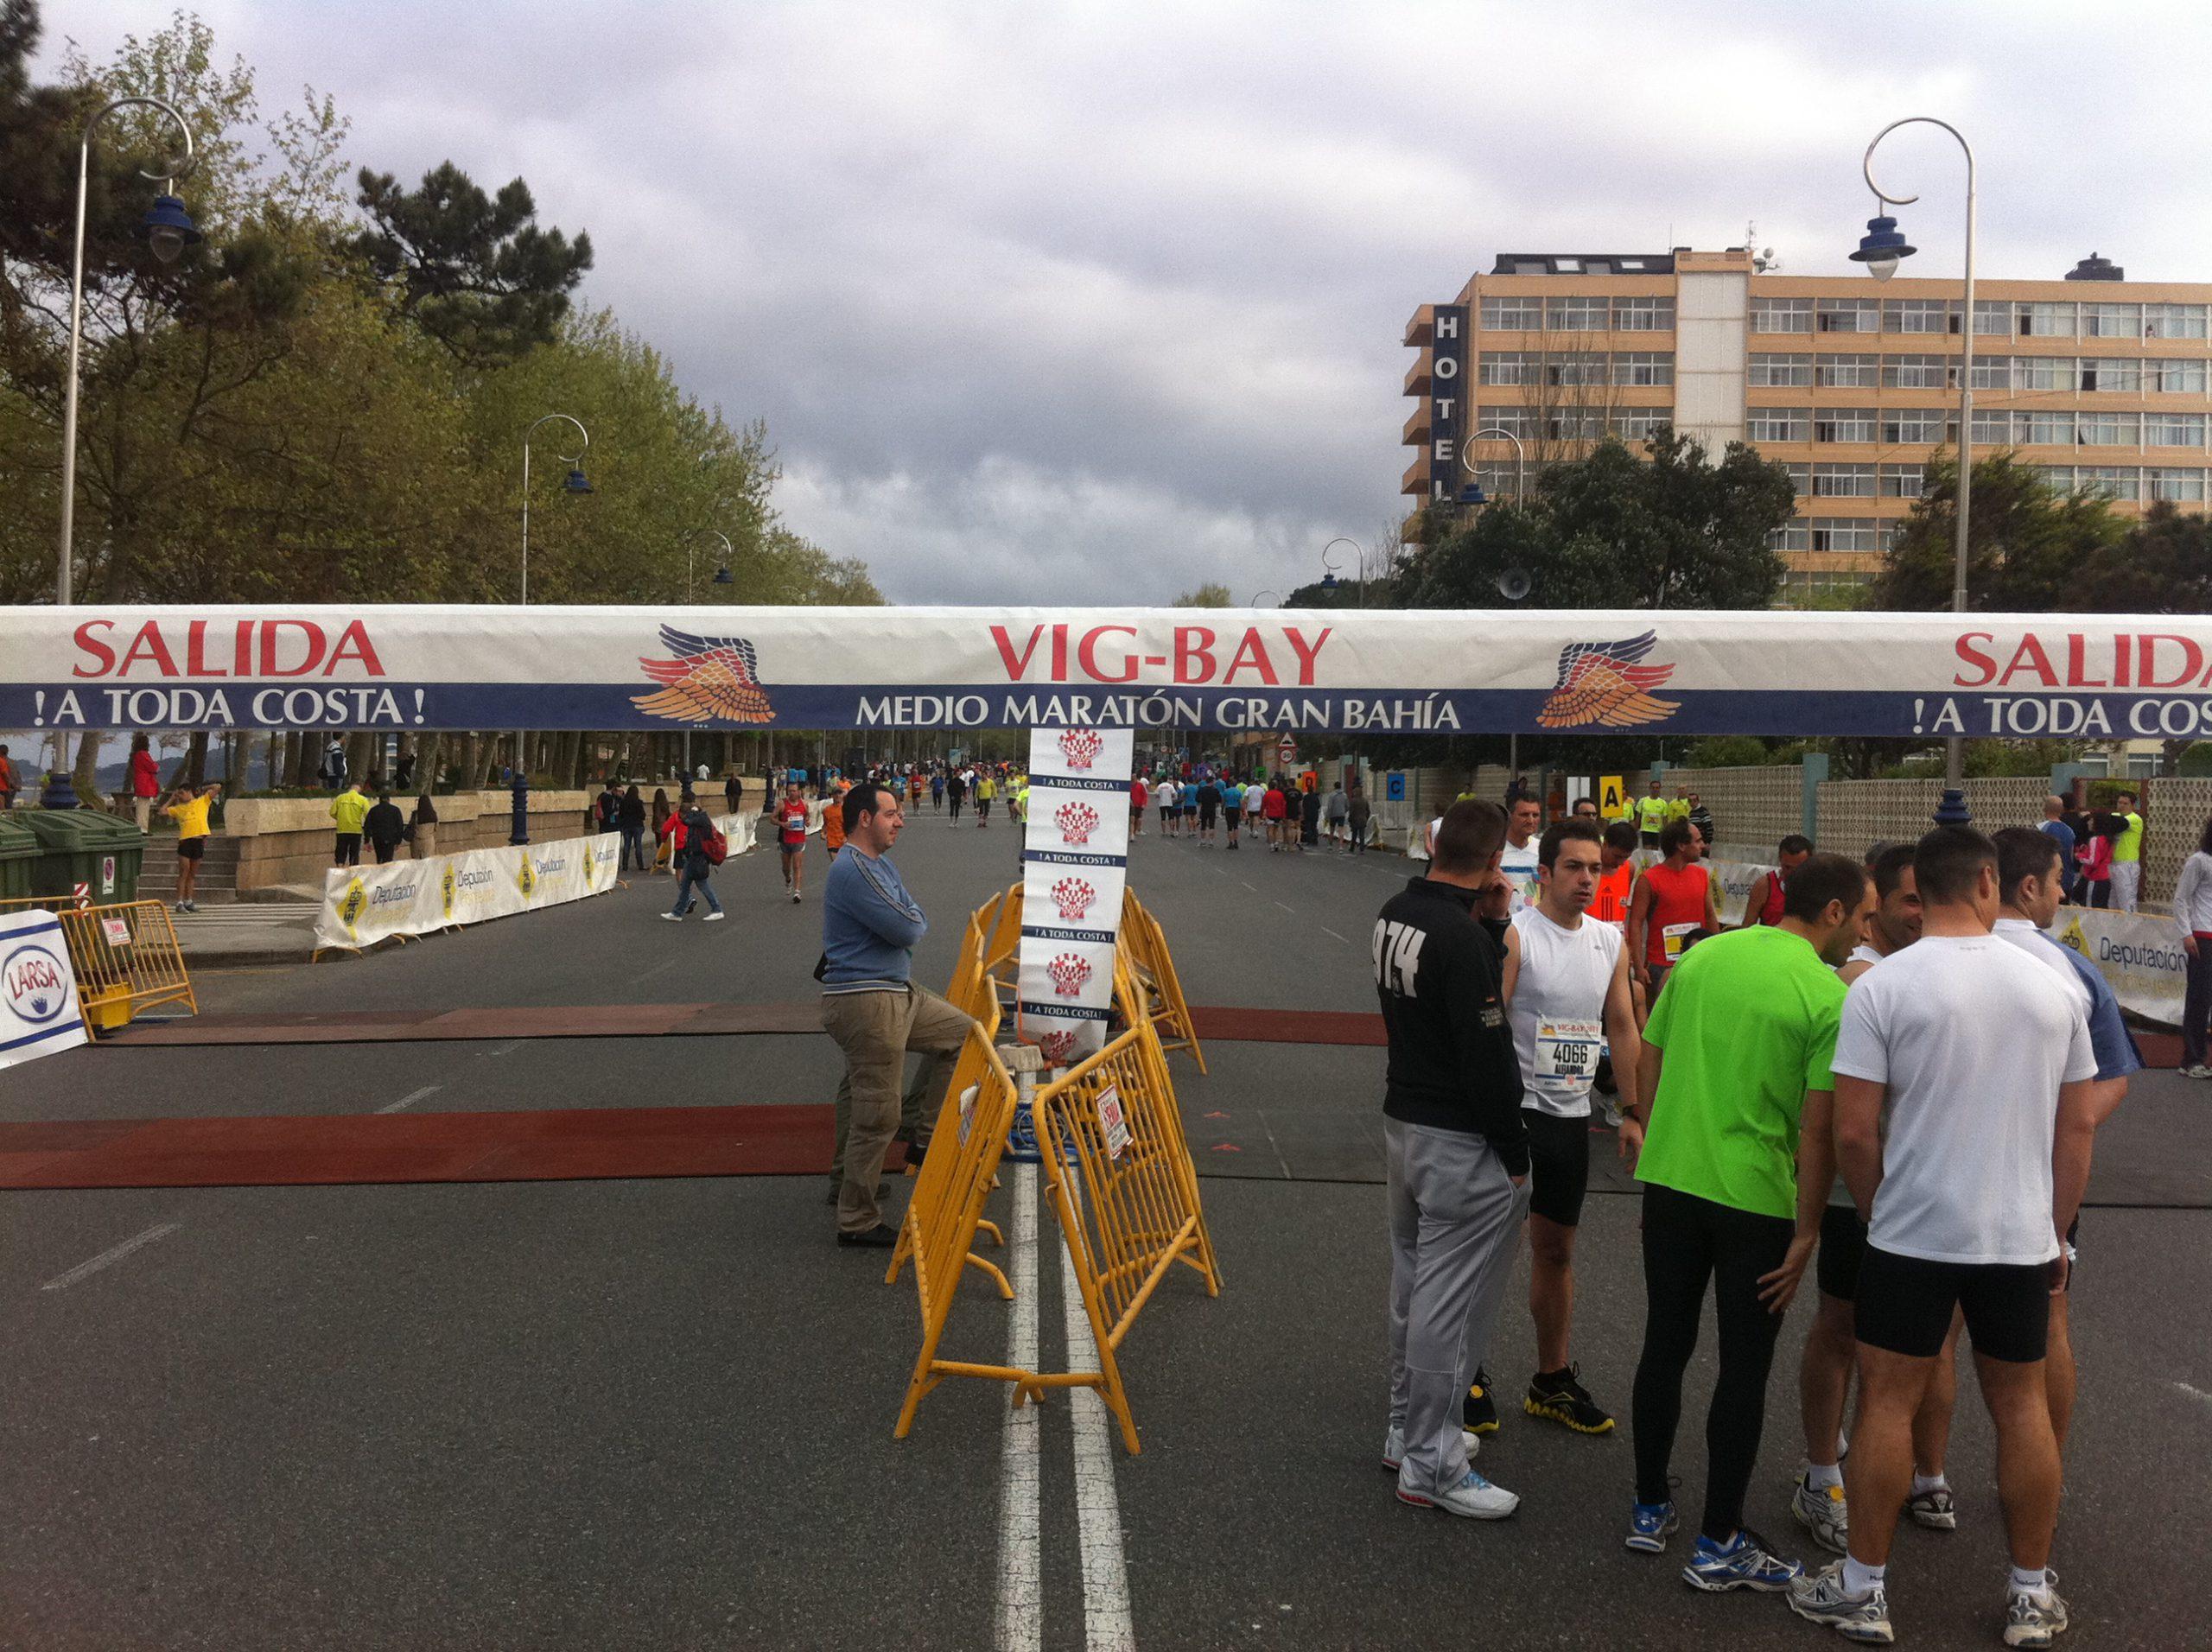 Vig-Bay 2011: La Media Maraton mas bonita de España